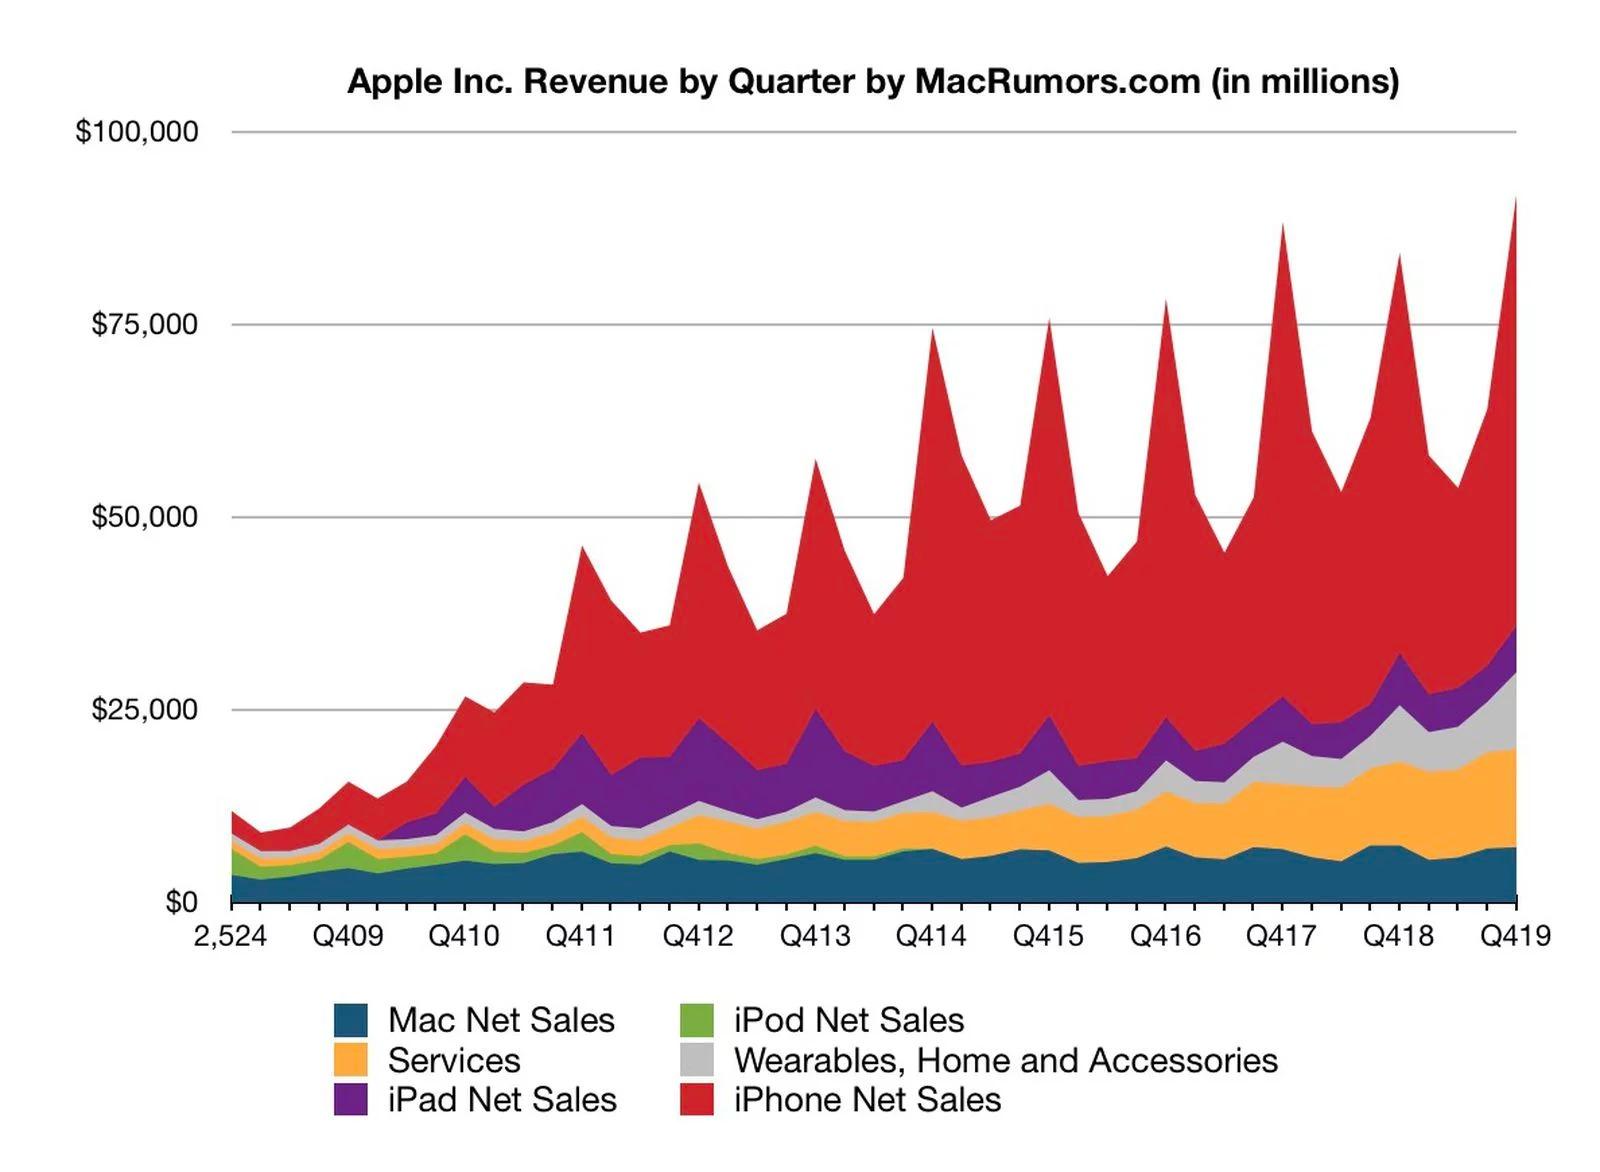 Resultados de ventas de octubre, noviembre y diciembre de 2020